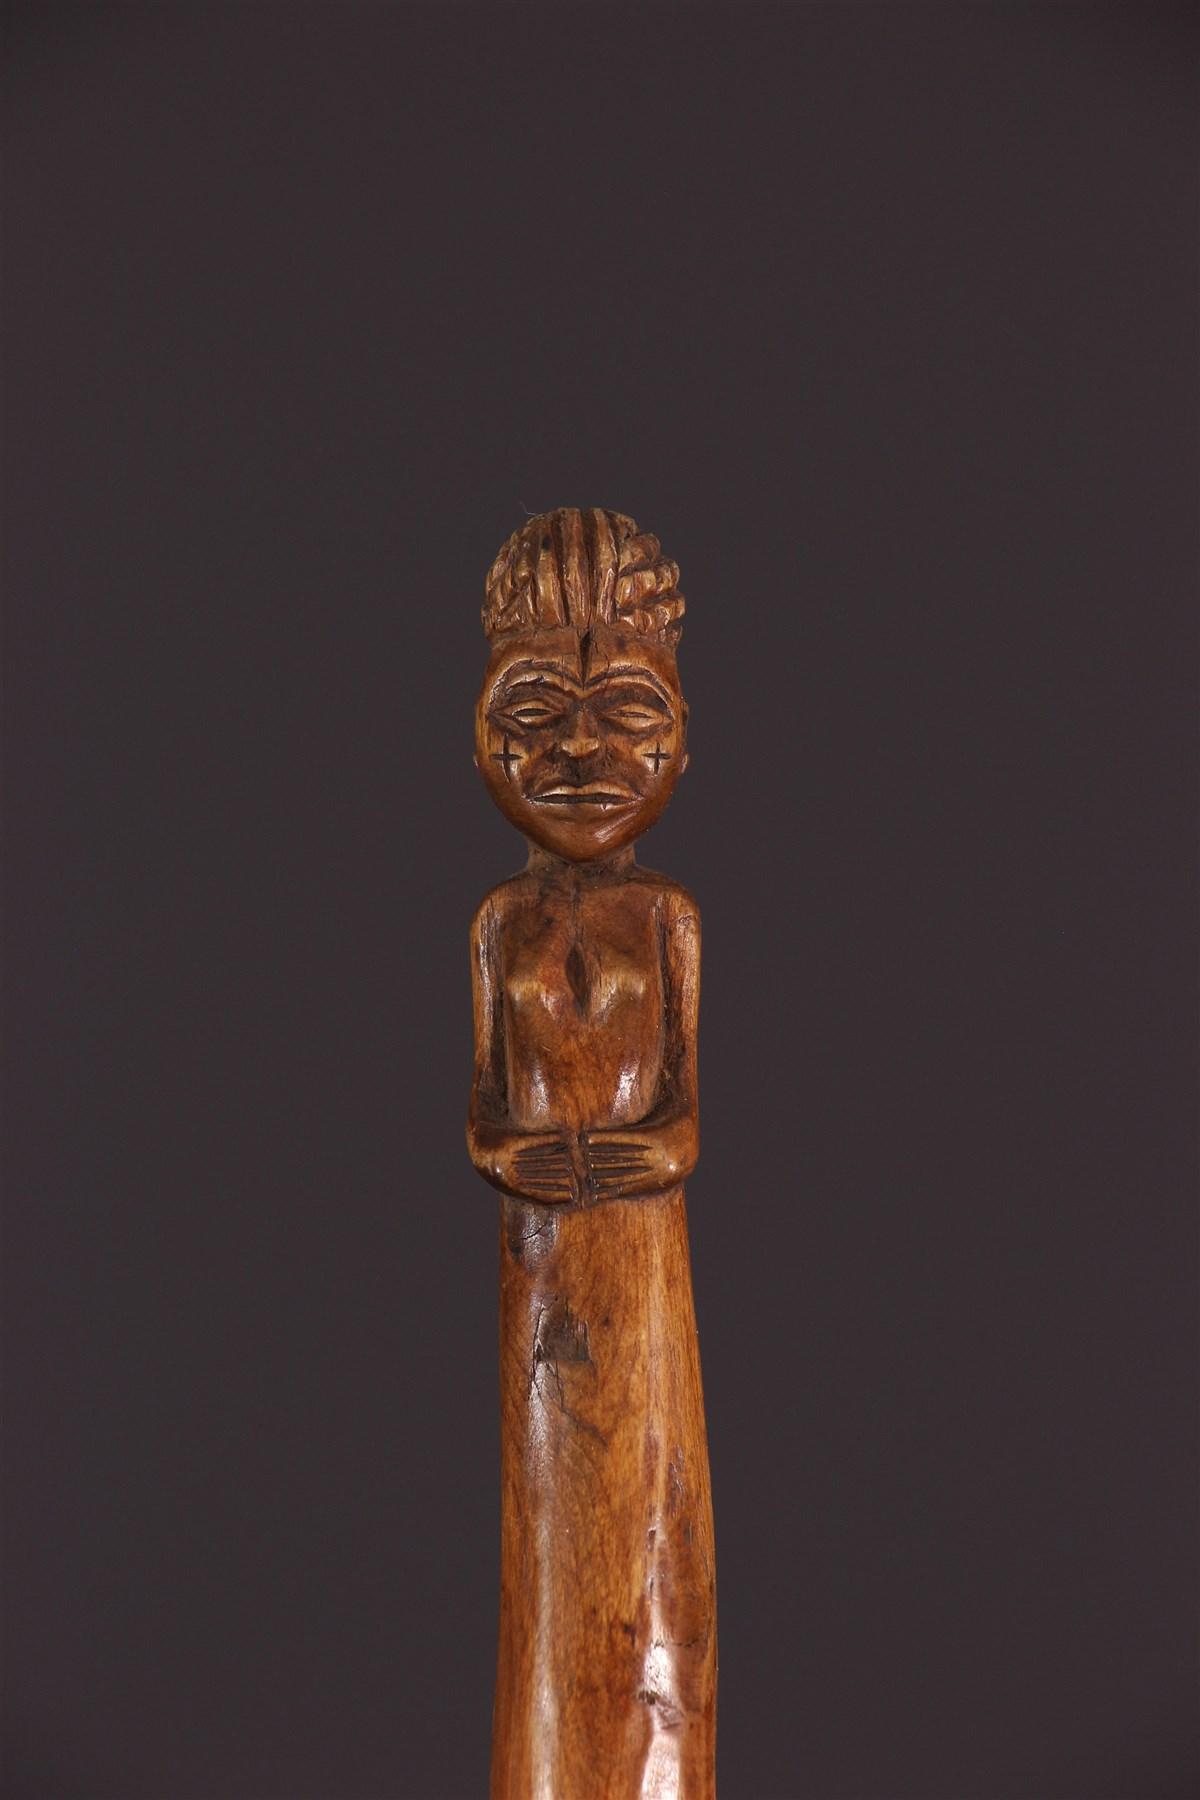 Bâton sculpté Chokwe - Art africain